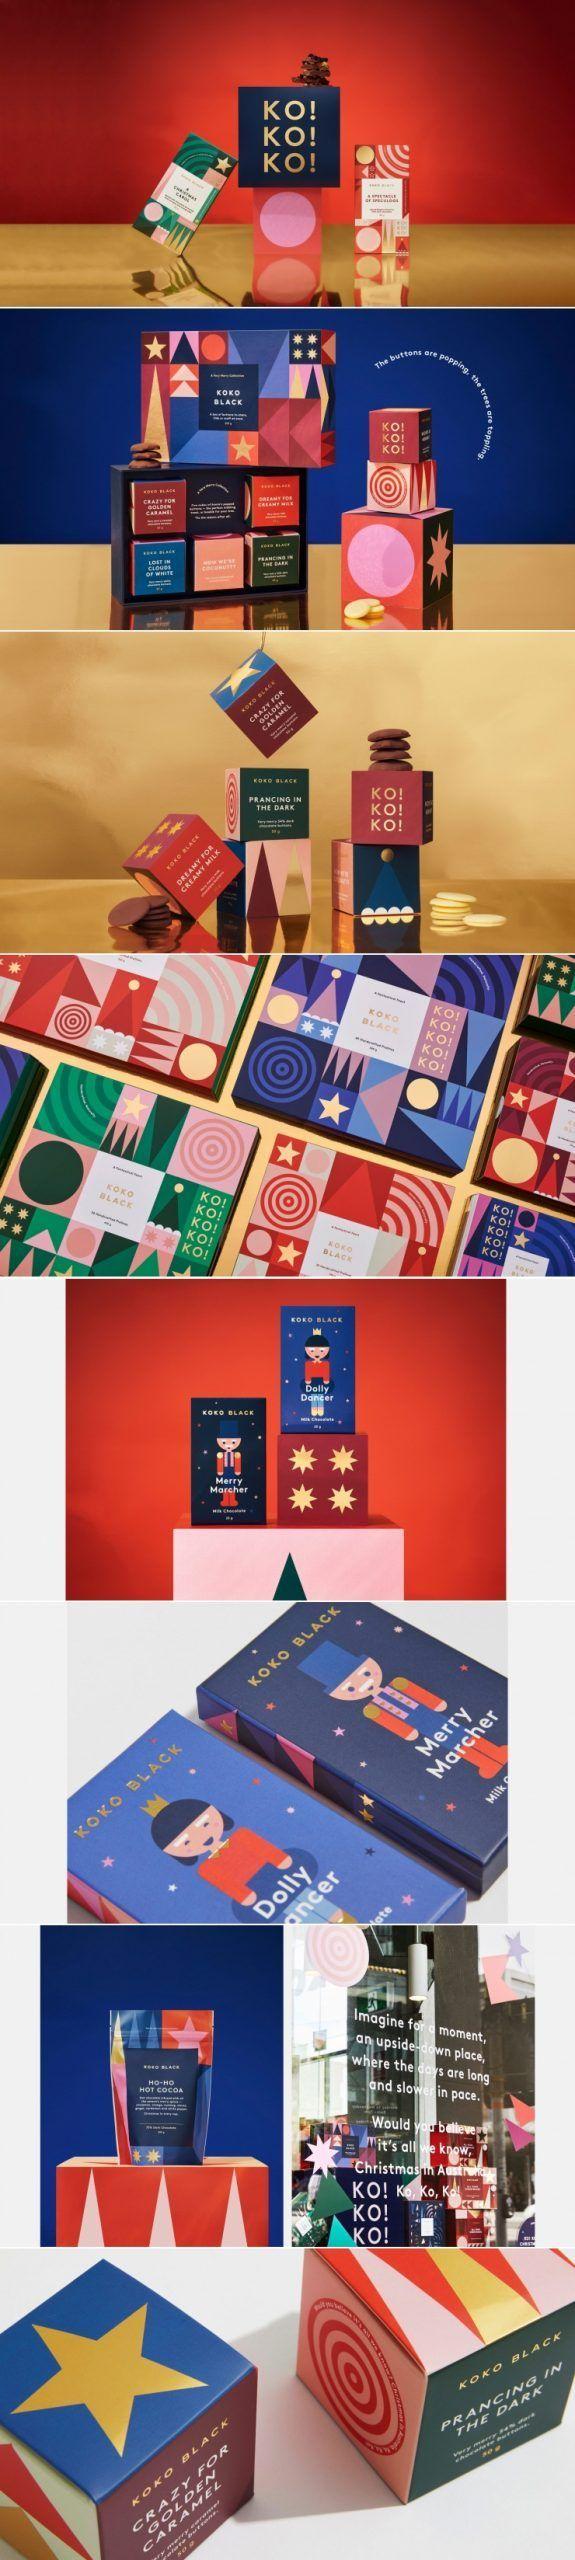 Koko Black Fivestar Branding Agency Christmas Packaging Design Christmas Graphic Design Branding Design